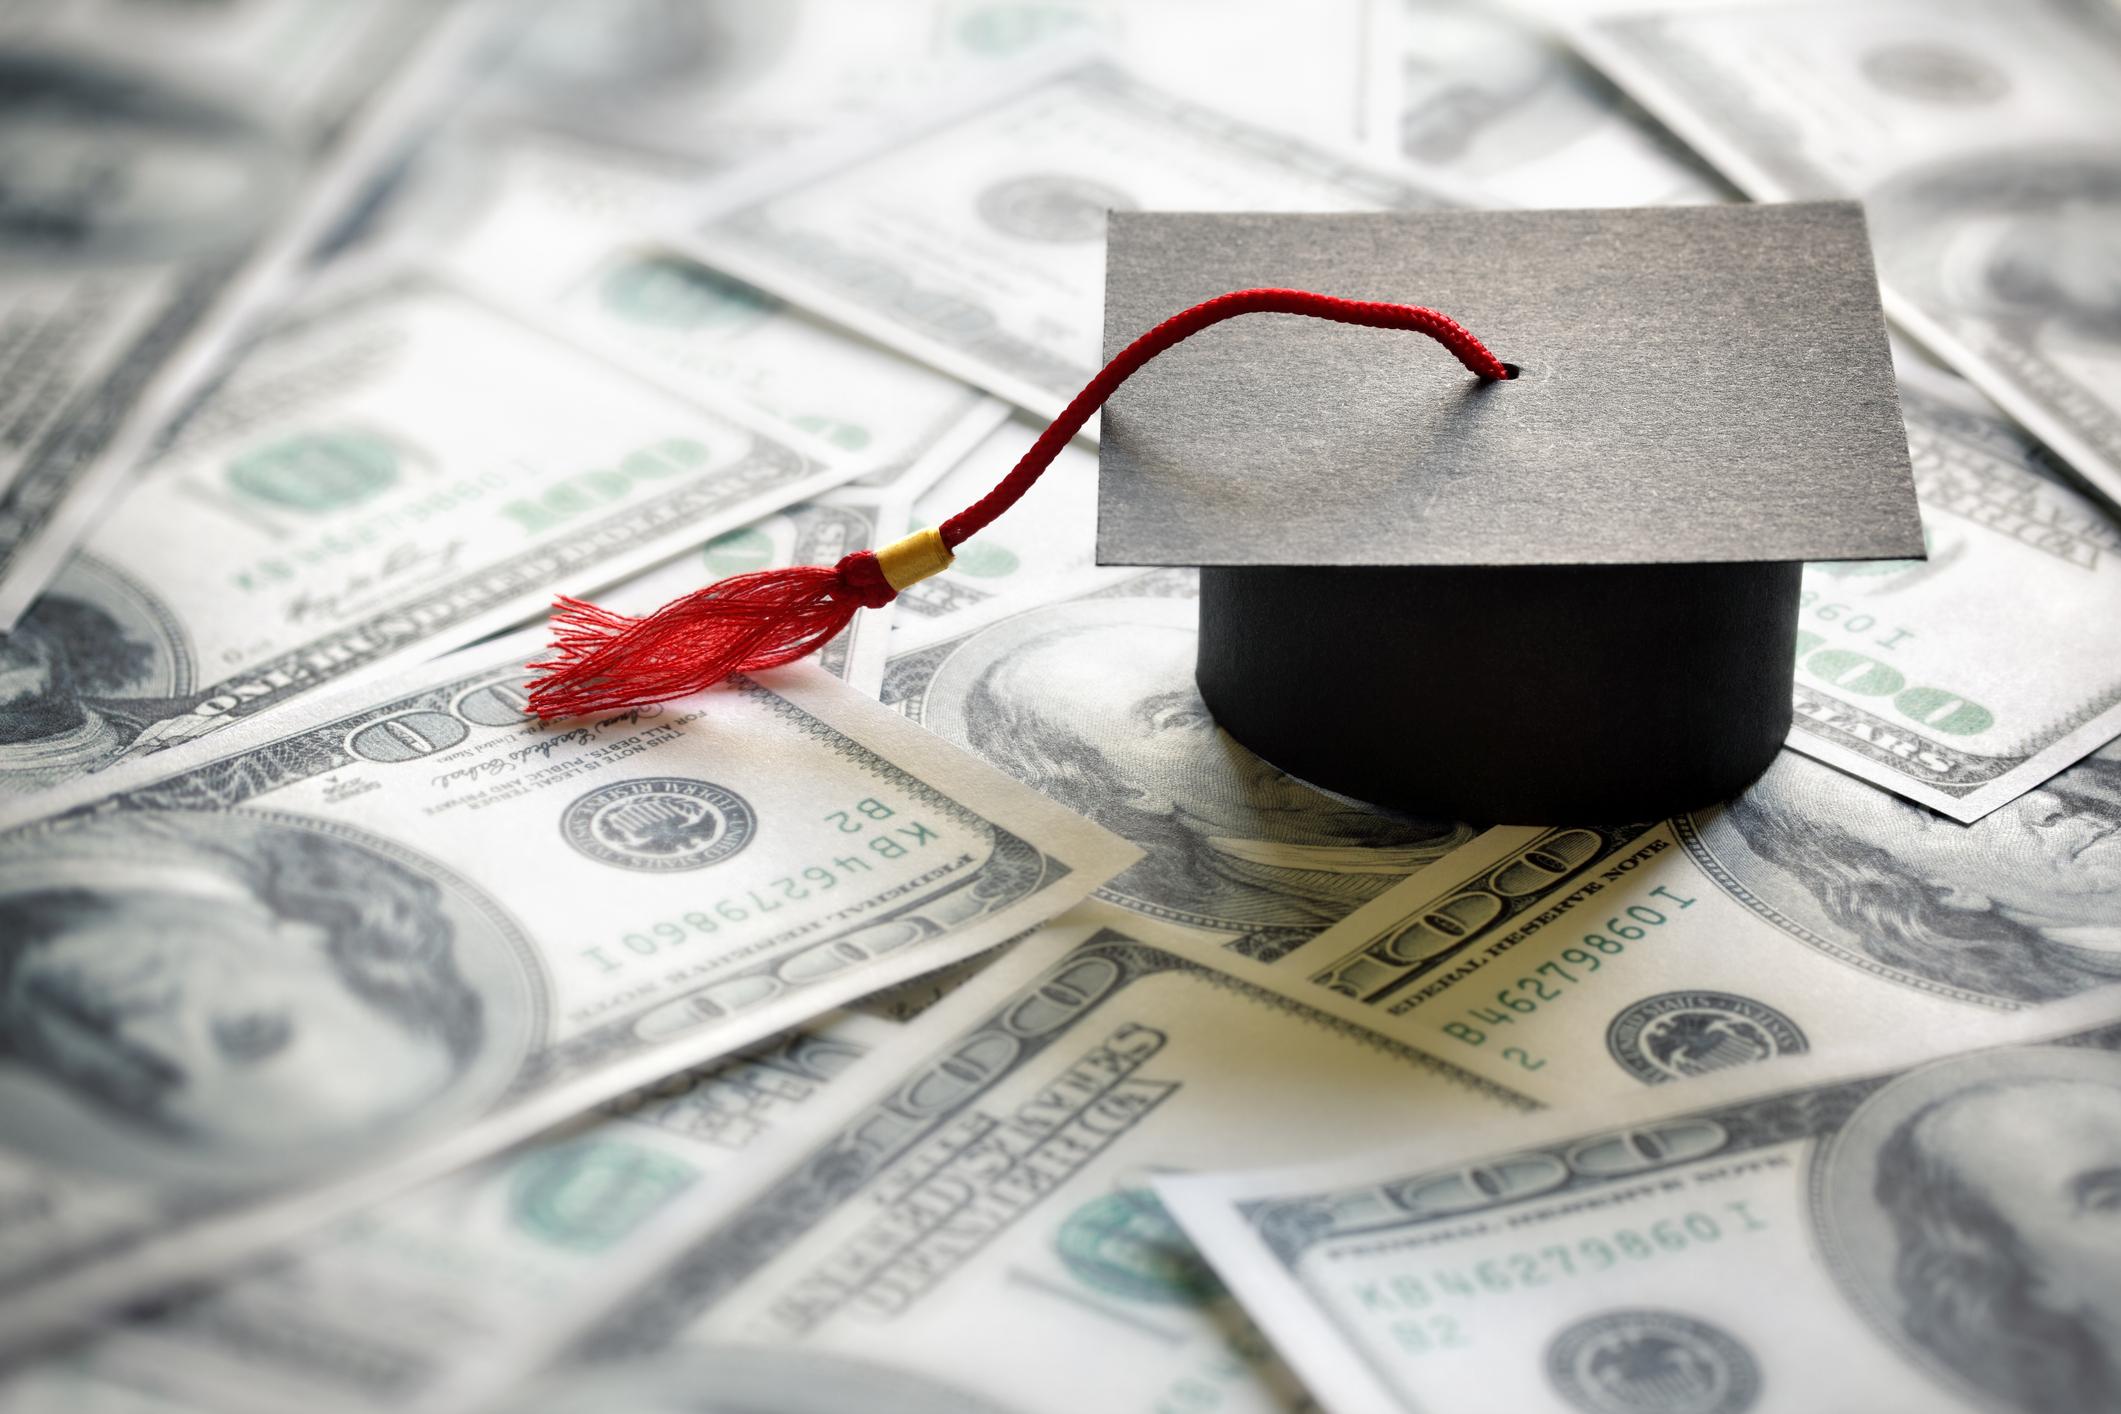 A miniature graduation cap on top of $100 bills.